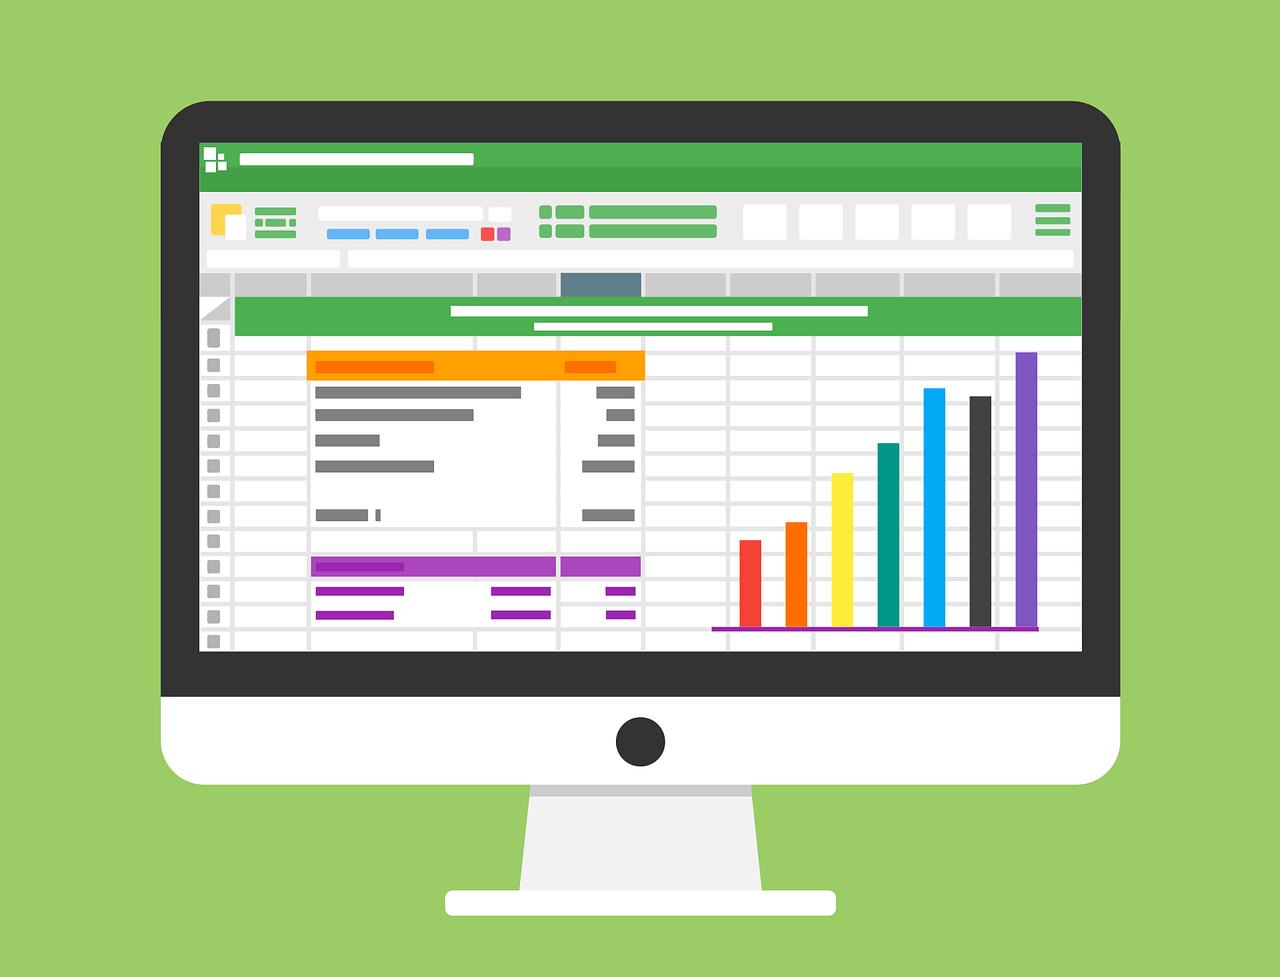 Ir a : Plena en Datos: entidades y federaciones podrán consultar sus datos de impacto a nivel local y autonómico